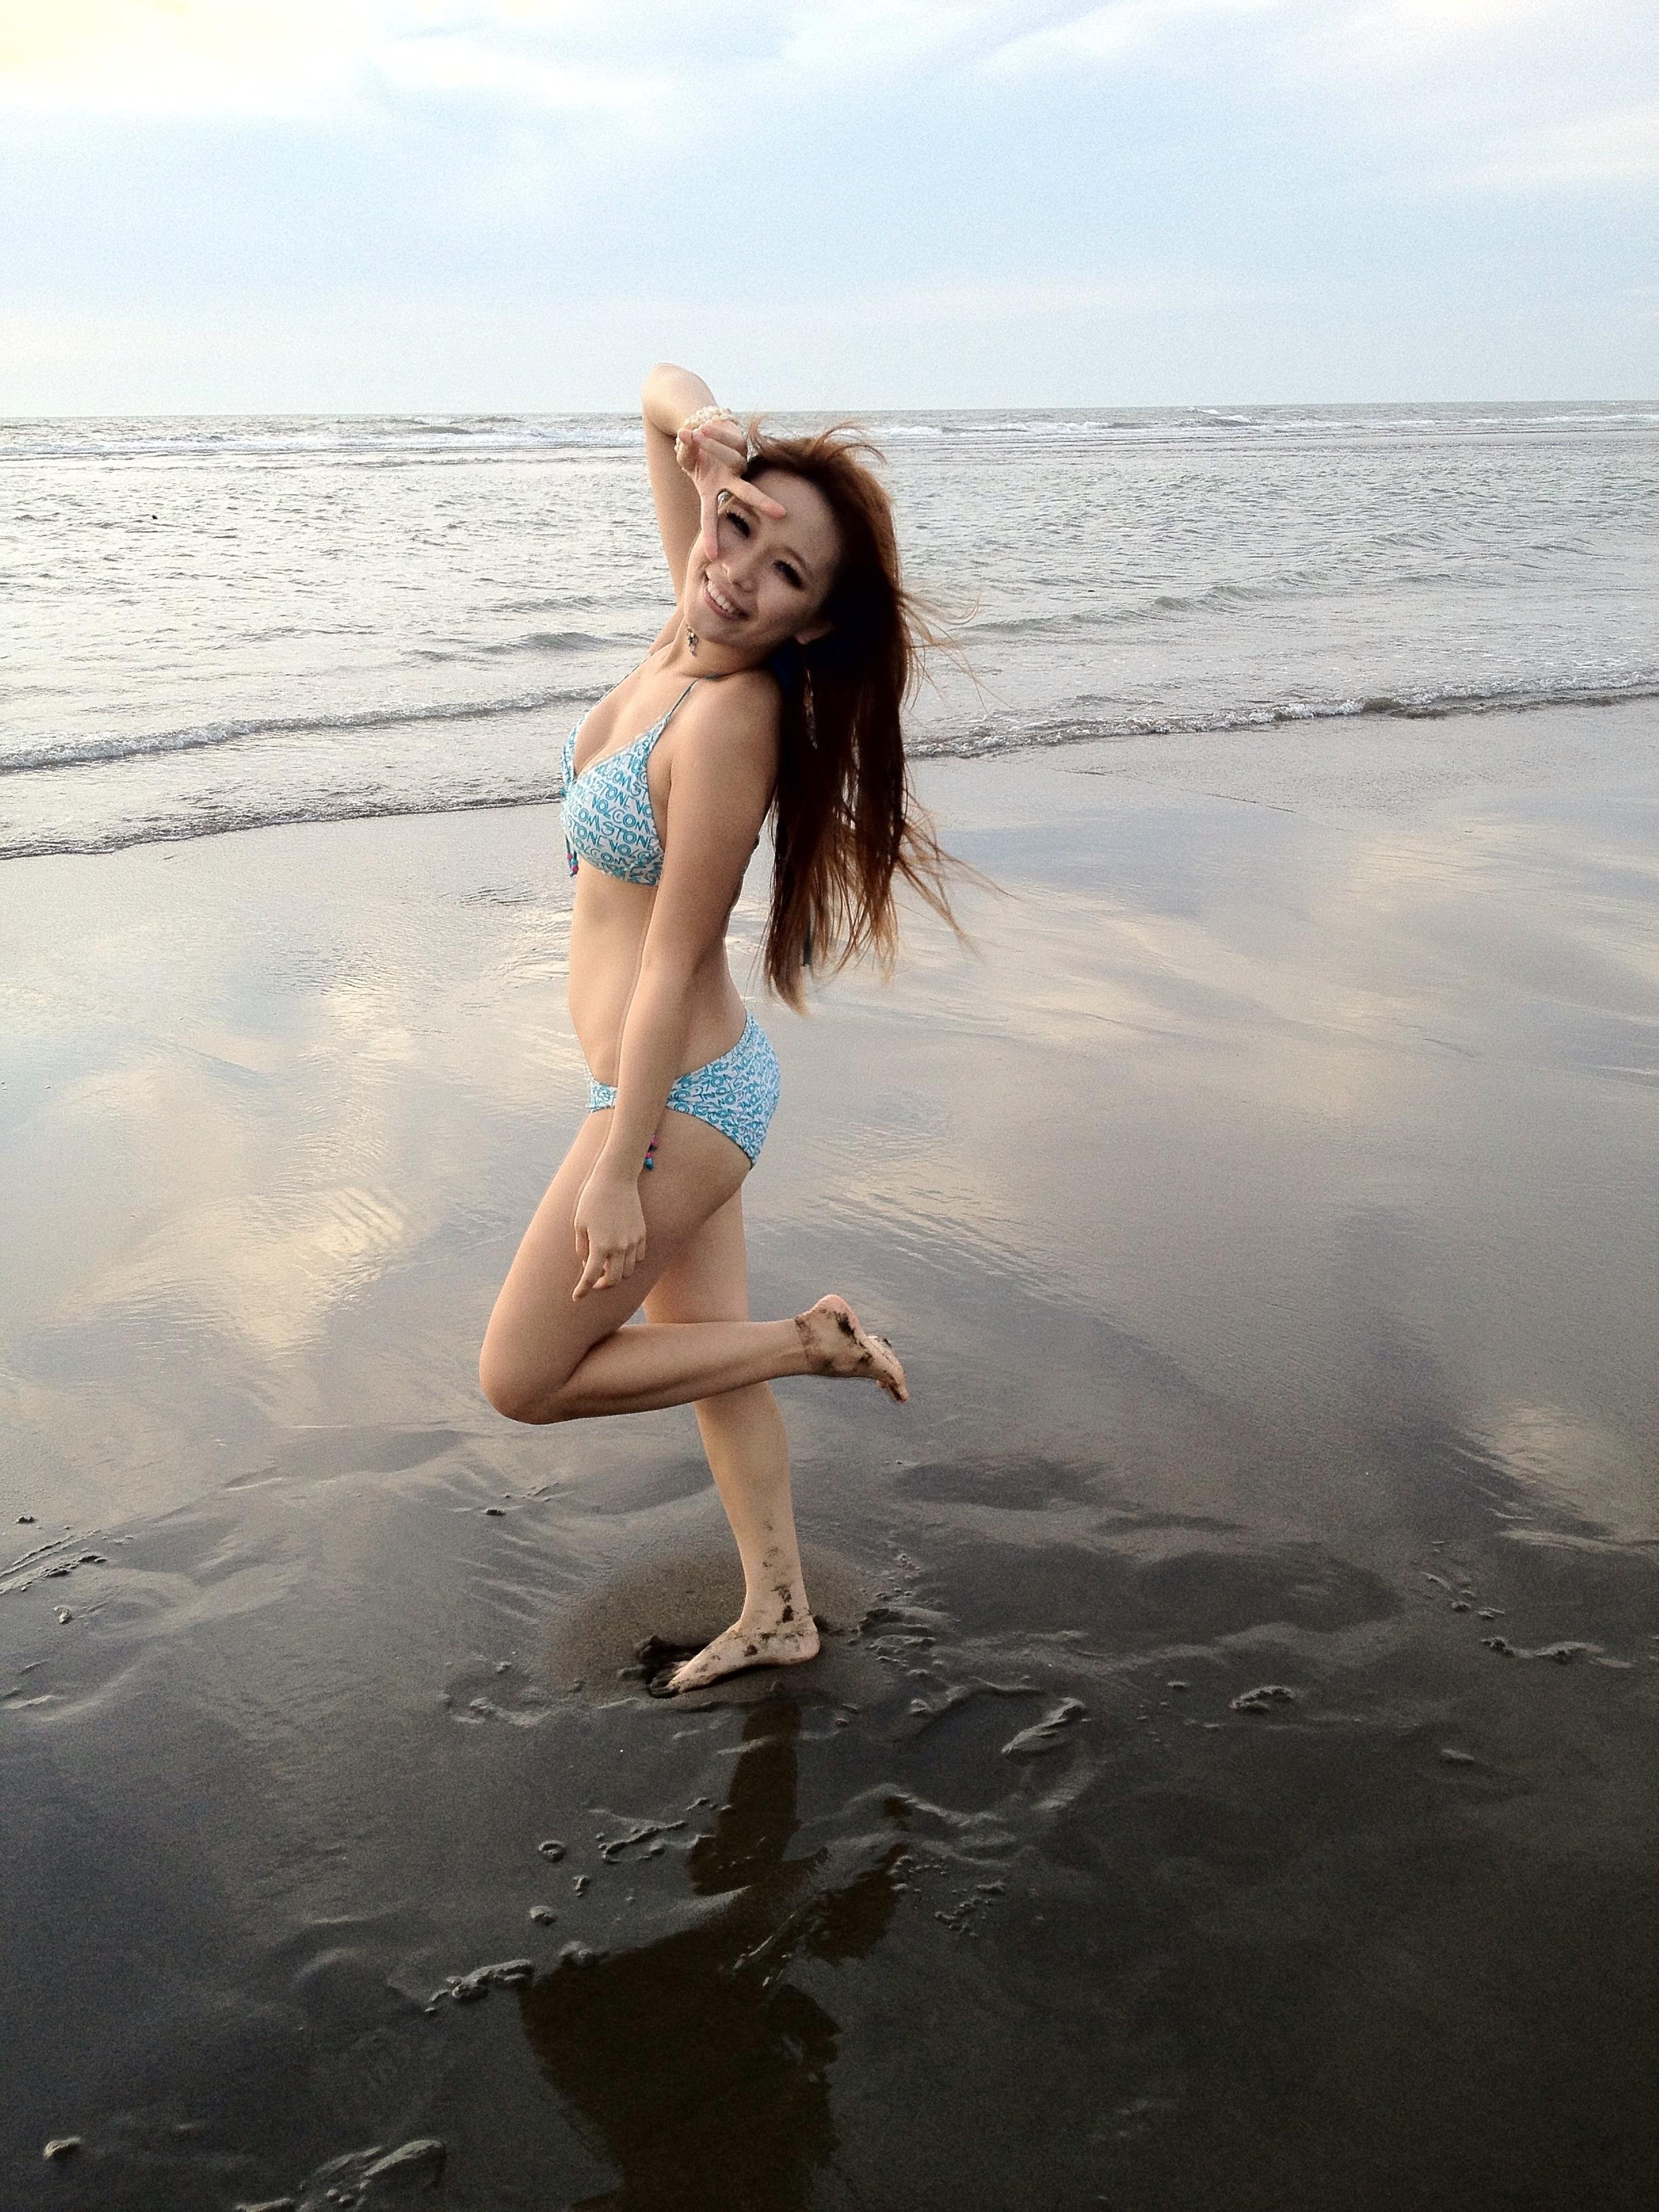 Woman Wearing Bikini 18